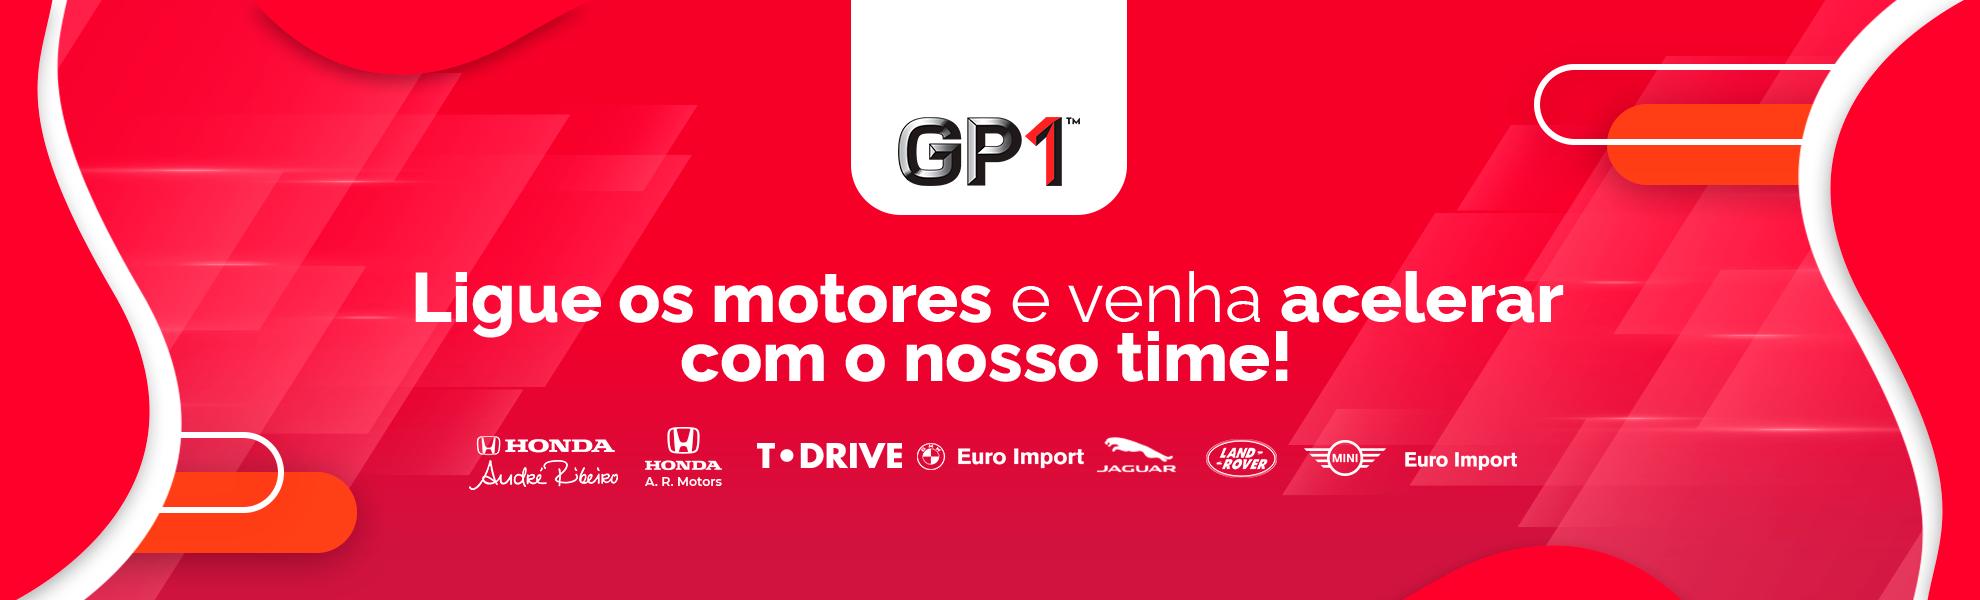 Group 1 Automotive Brasil